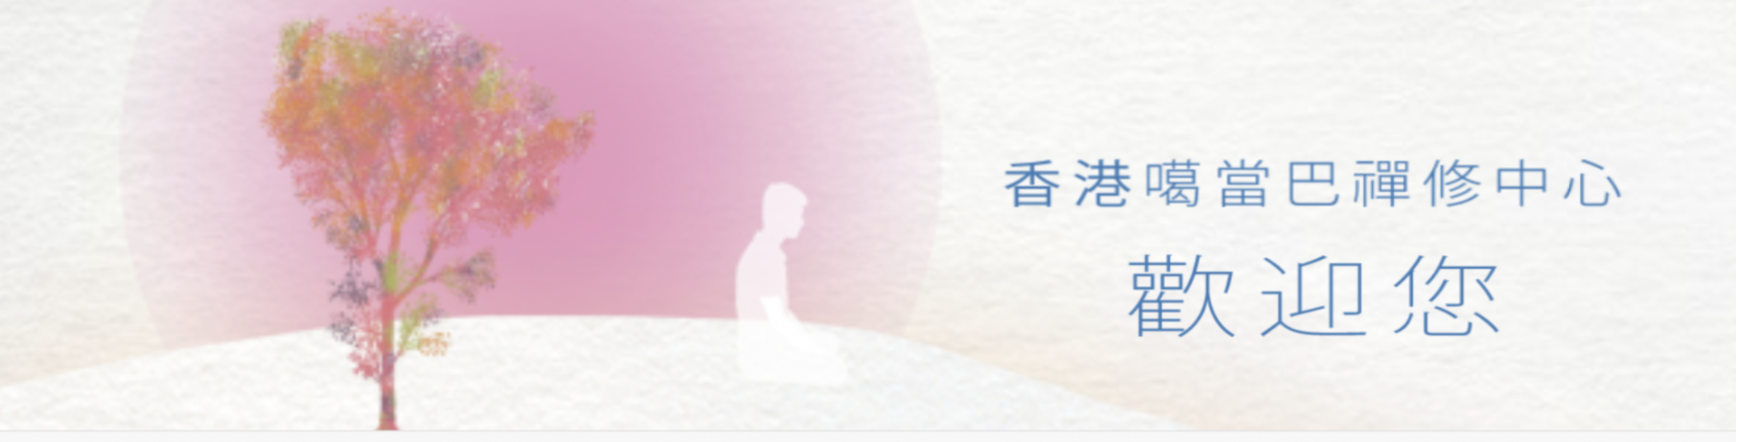 Screenshot 2020-10-08 at 12.17.48